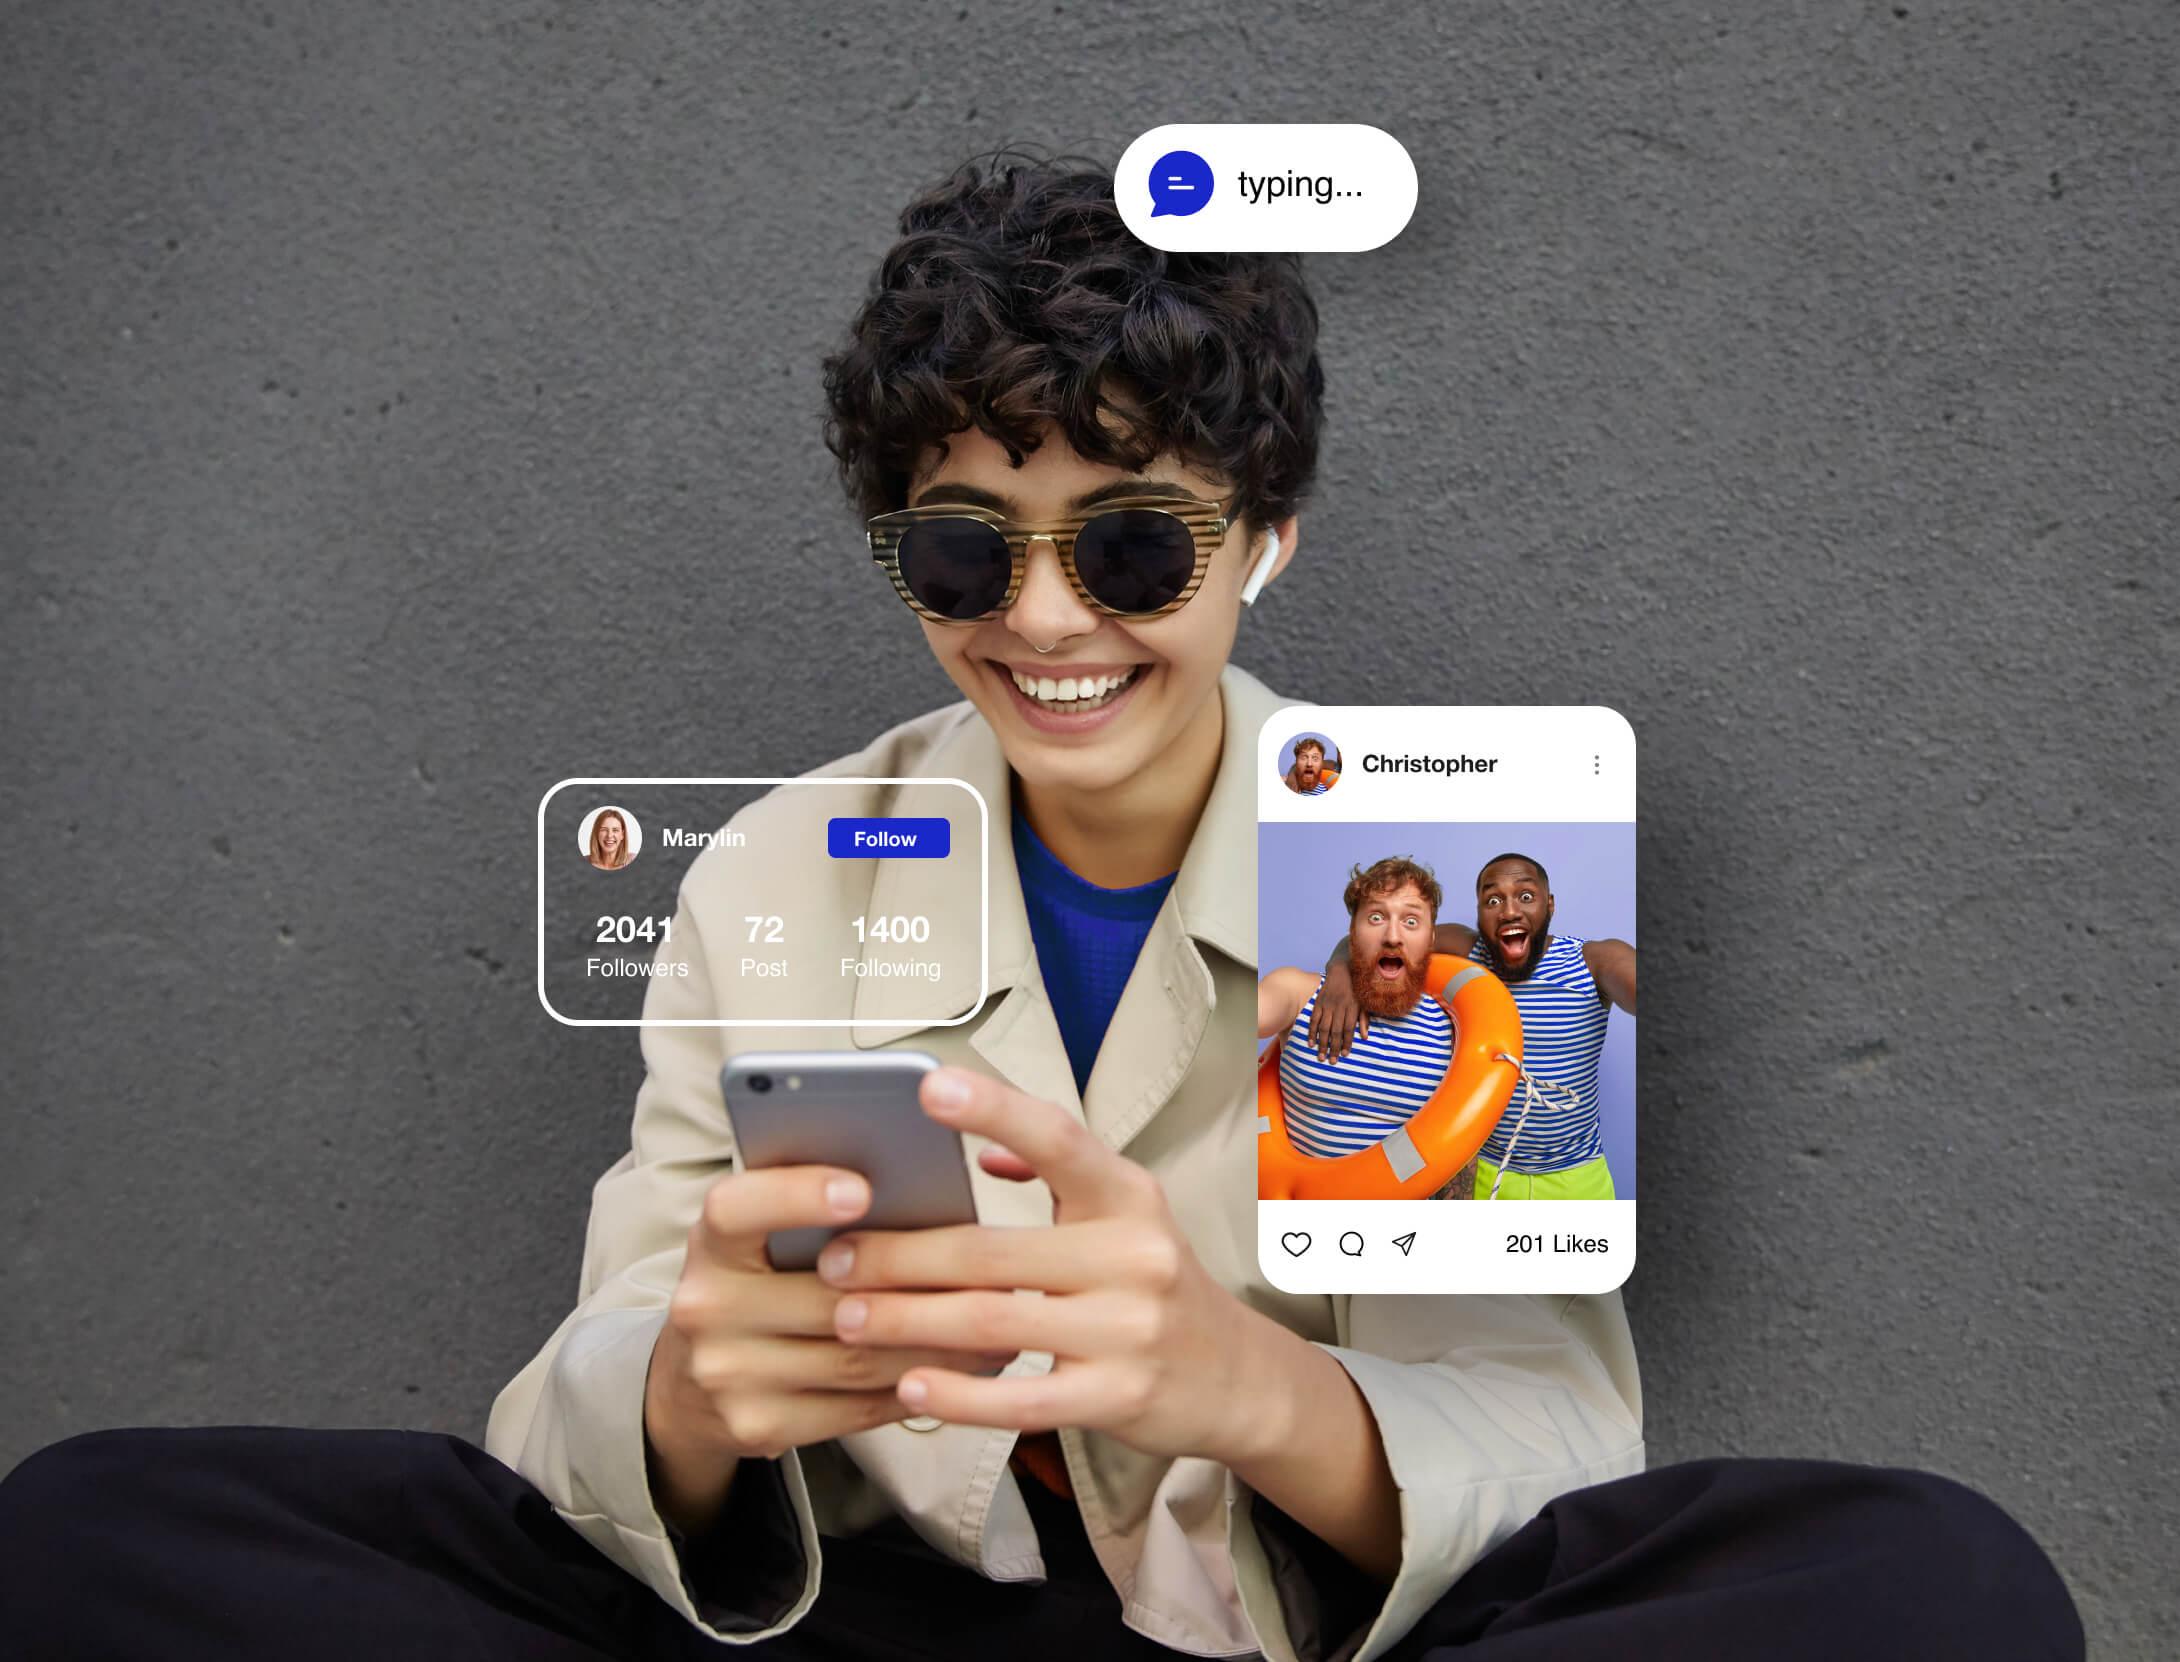 Your own social media platform